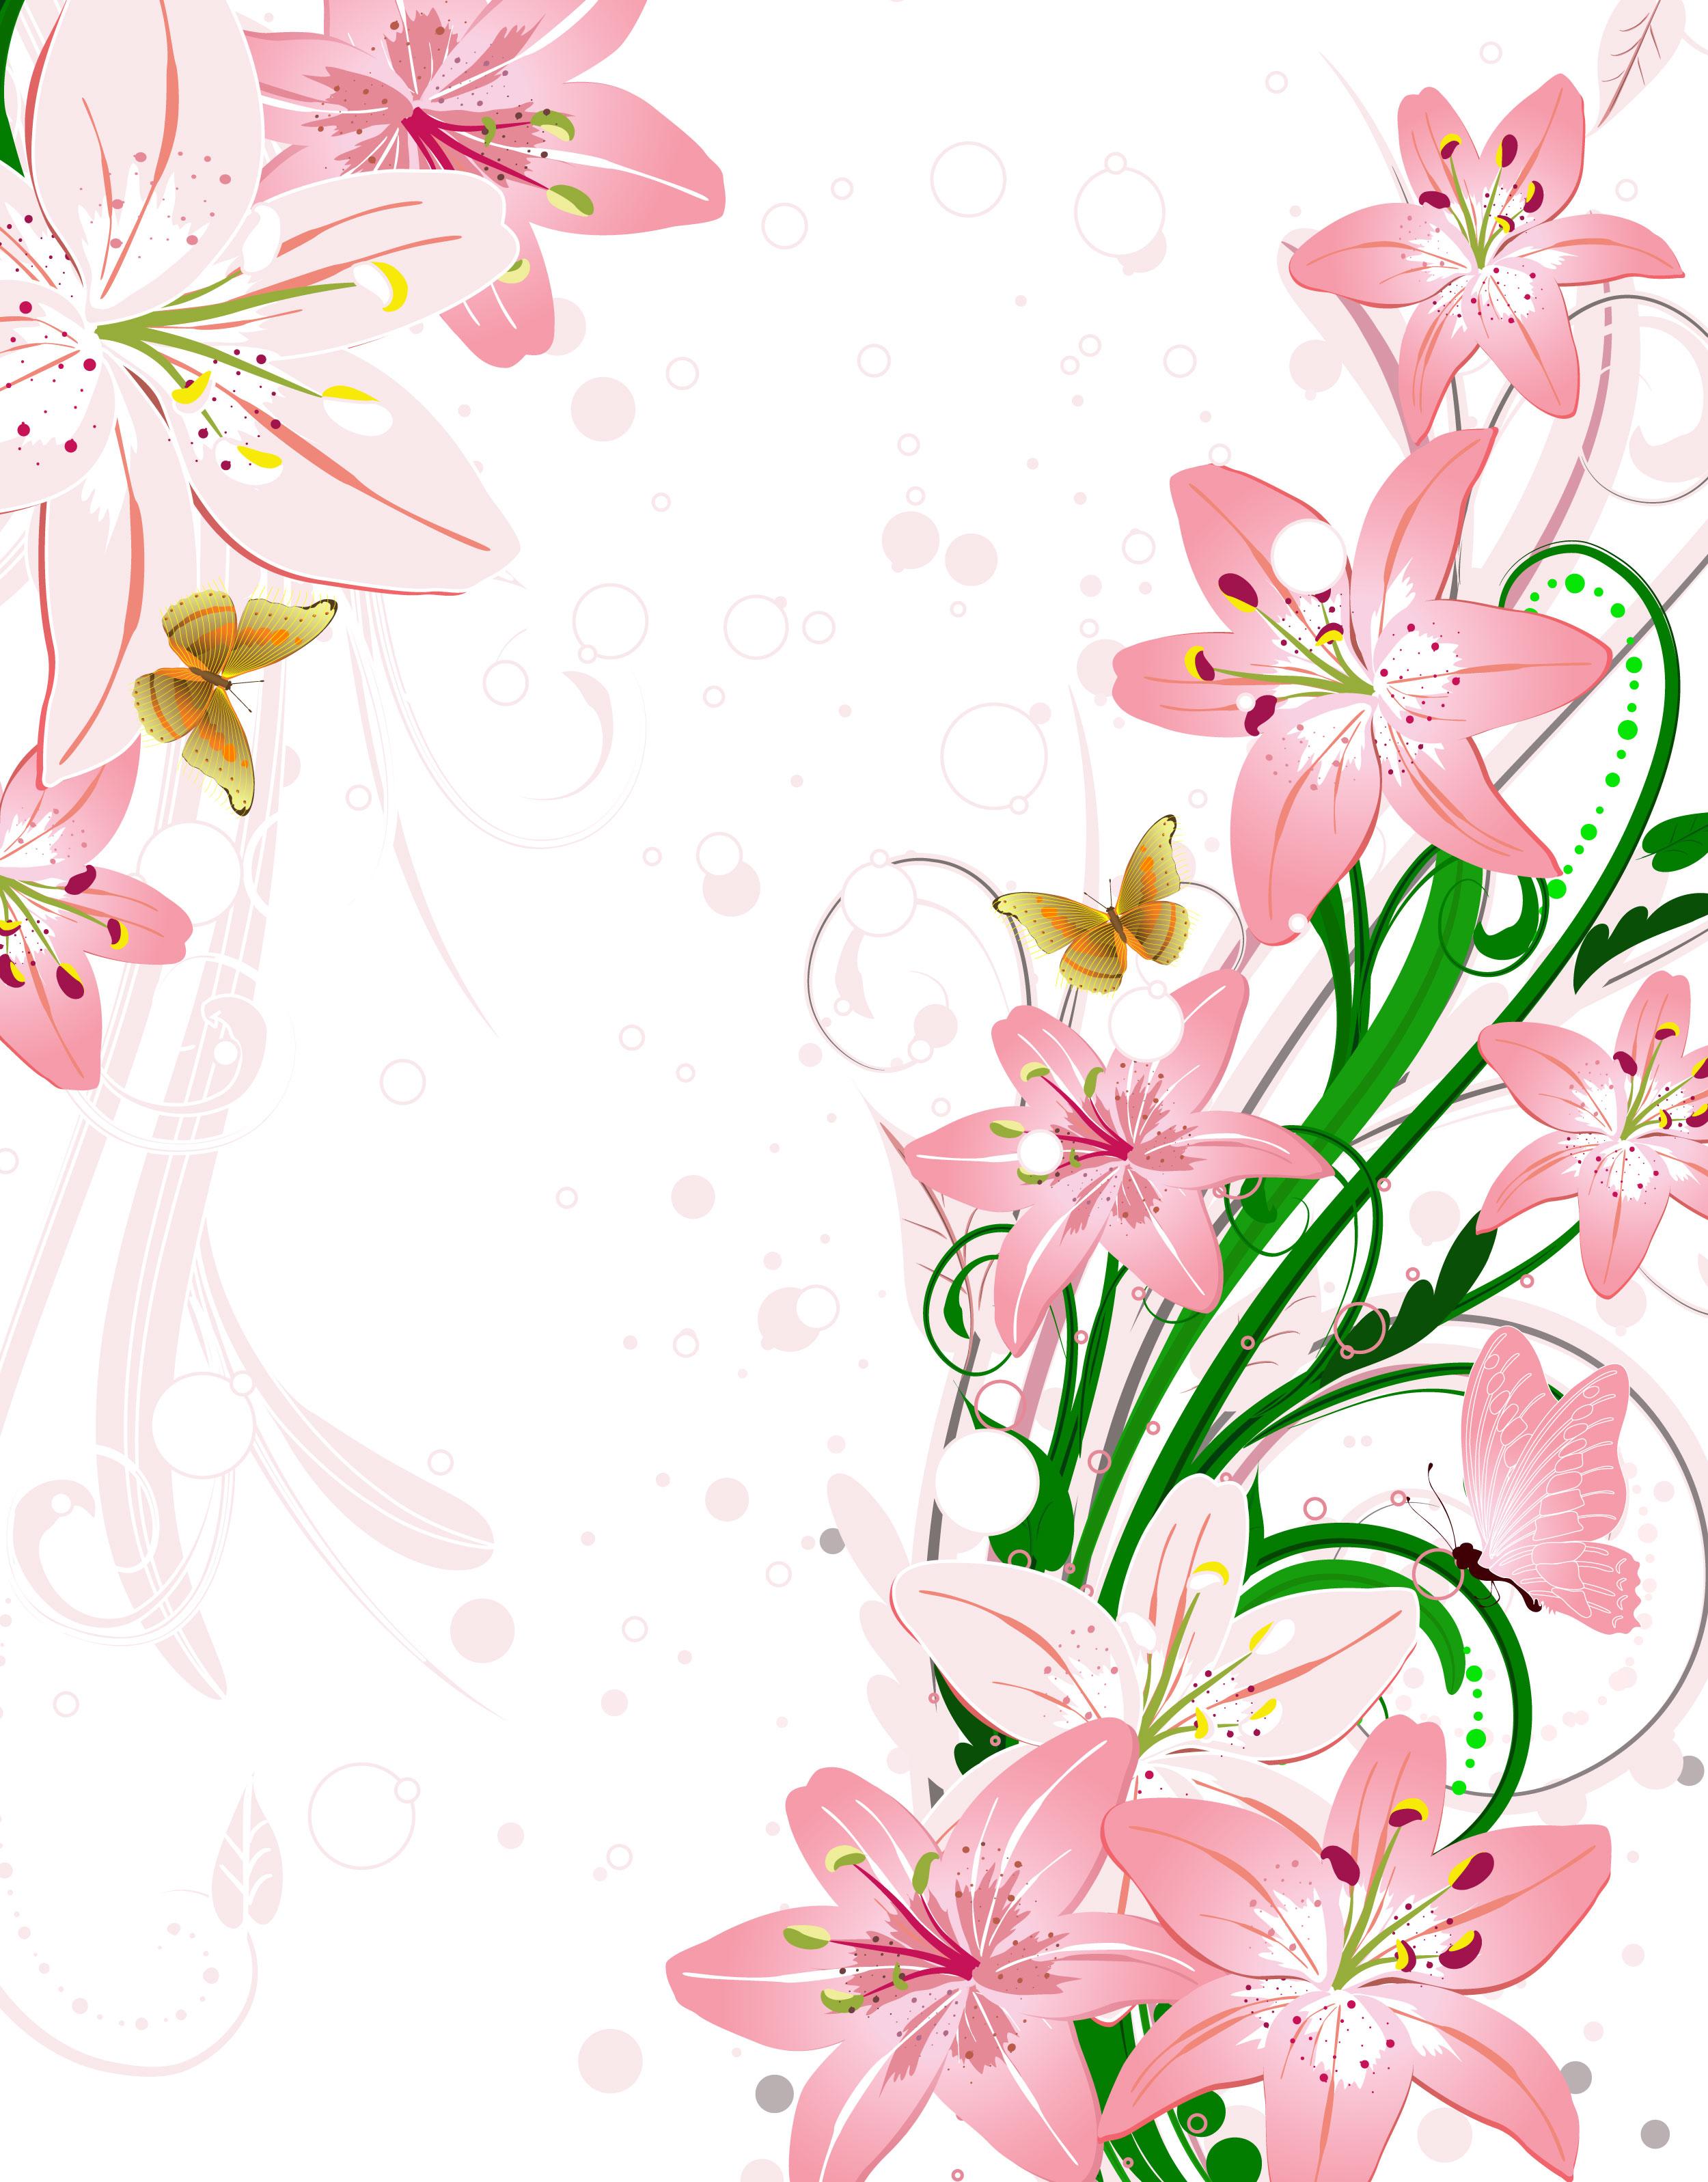 百合(ゆり)の花のイラスト・画像・フリー素材 『壁紙・背景・バナー』